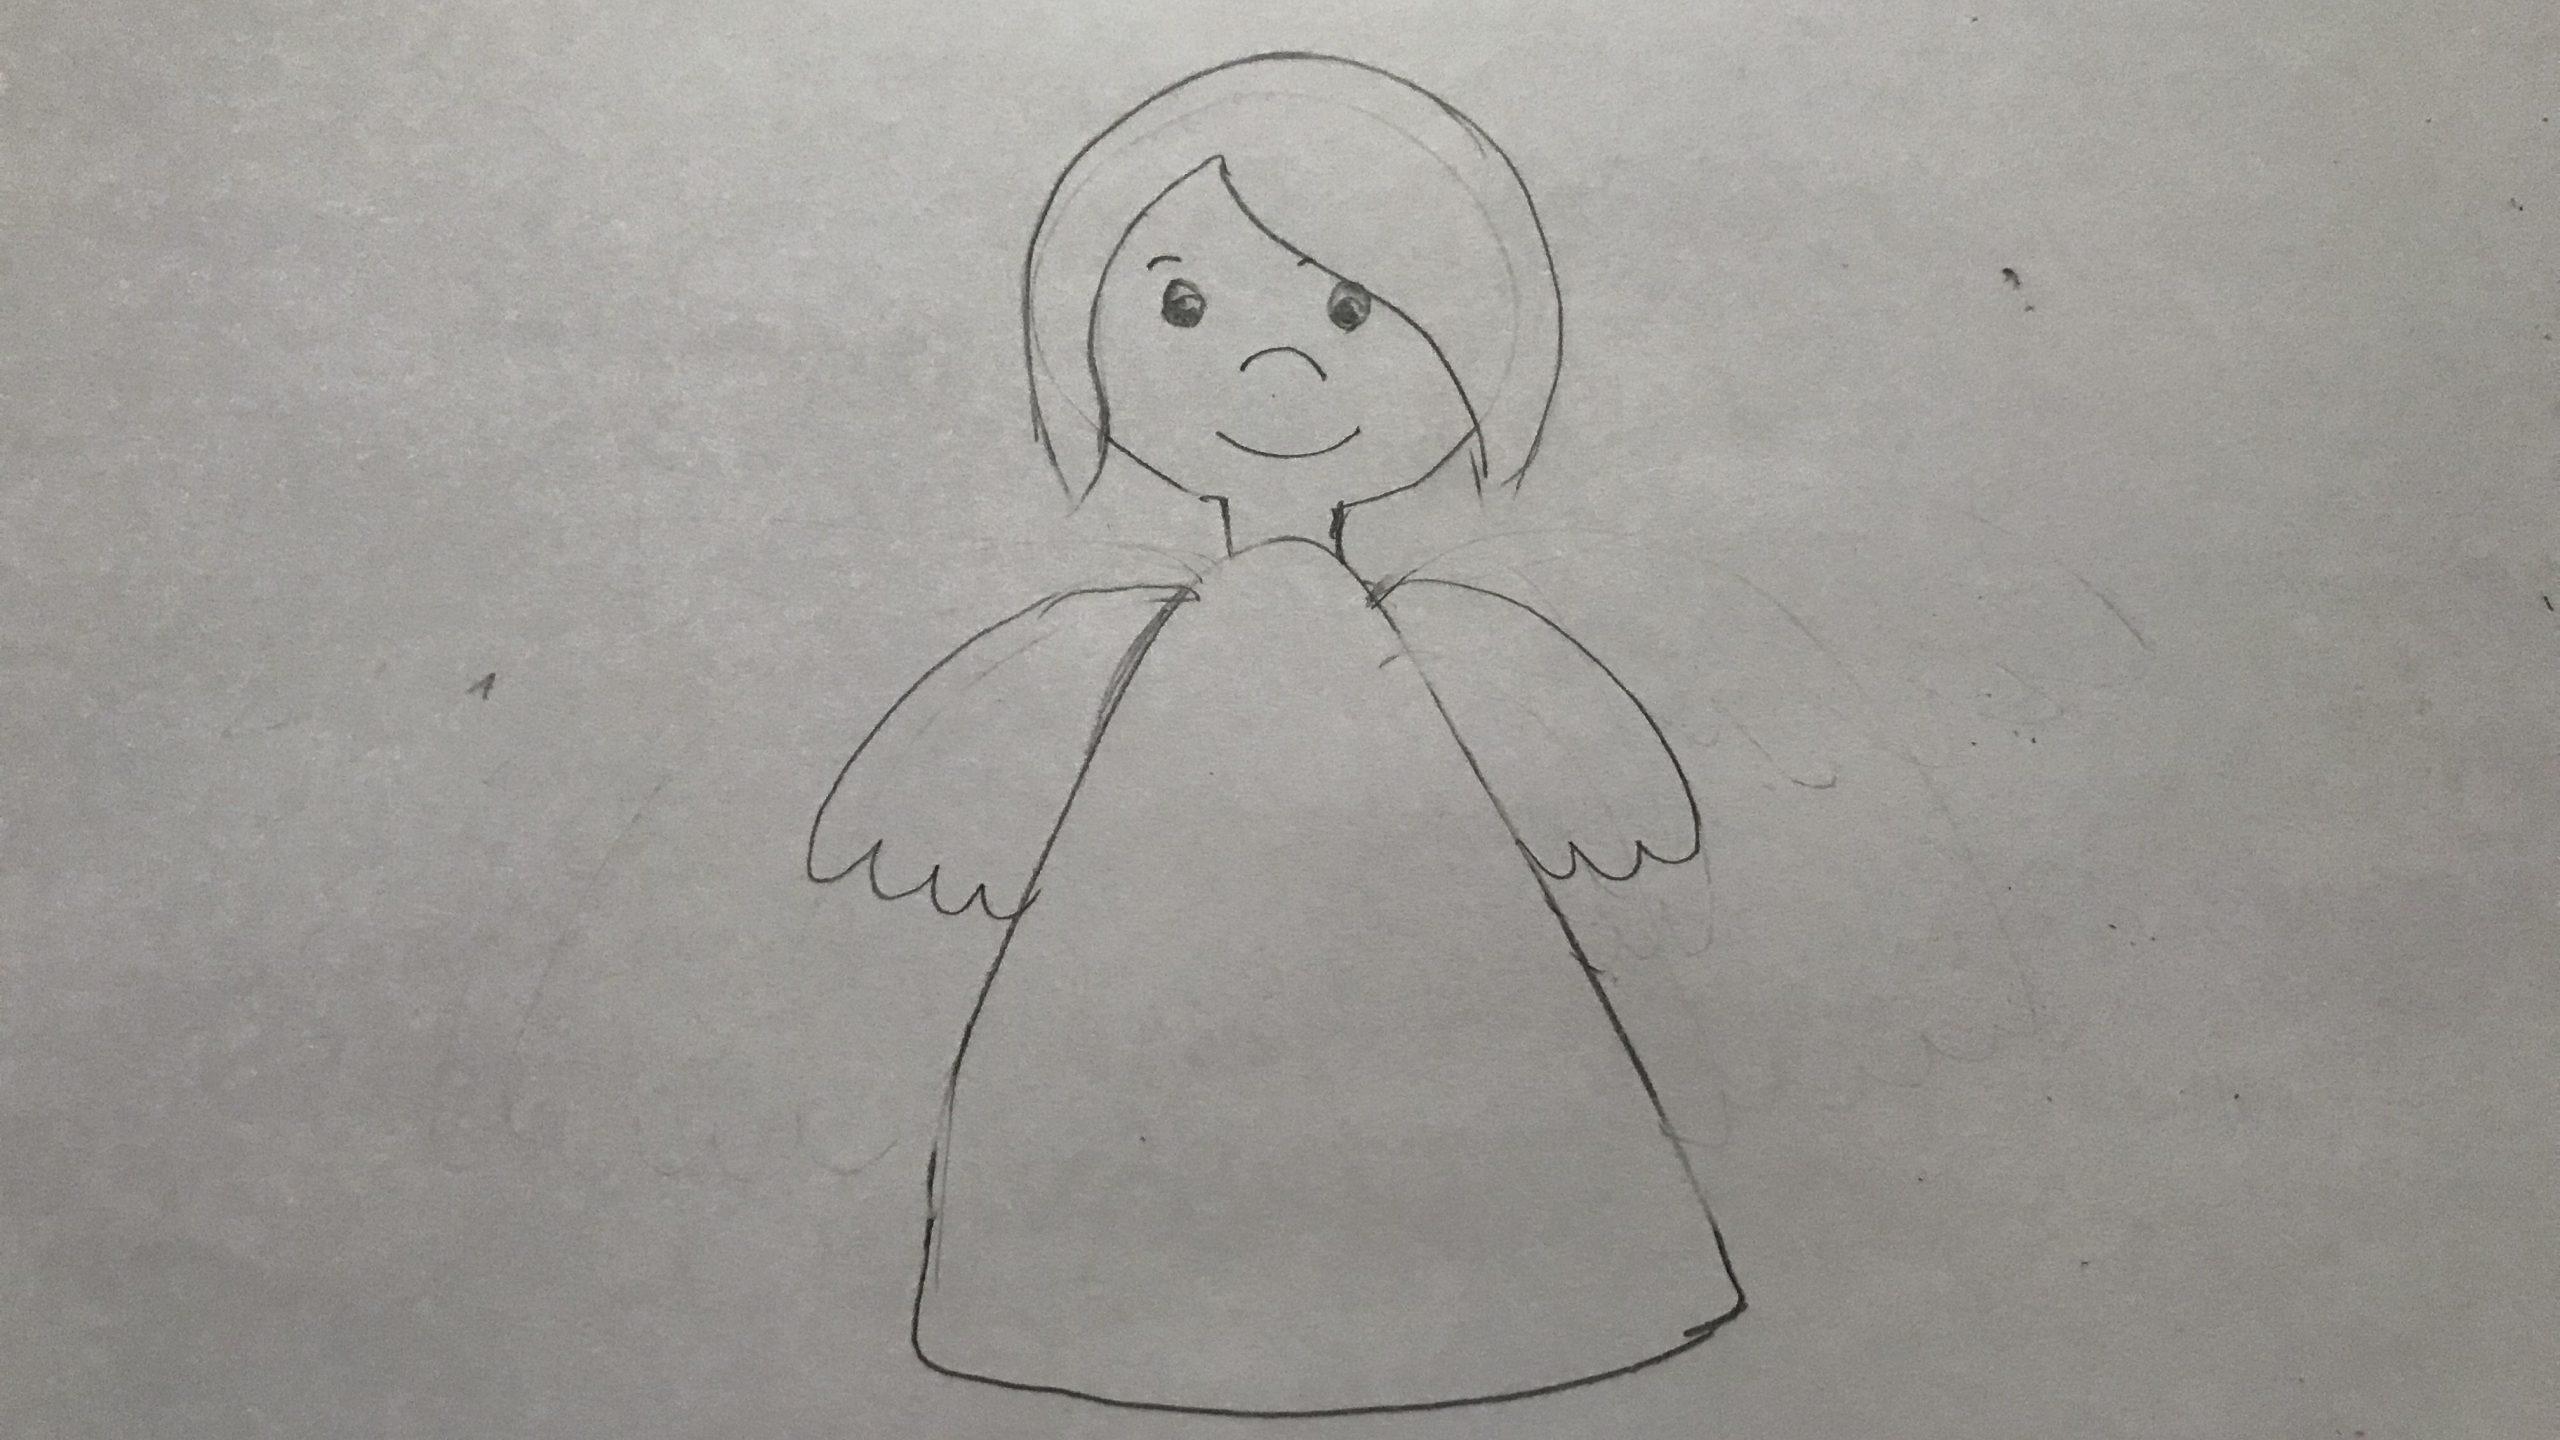 Engel Zeichnen - So Geht's | Focus.de über Engelsgesicht Malen